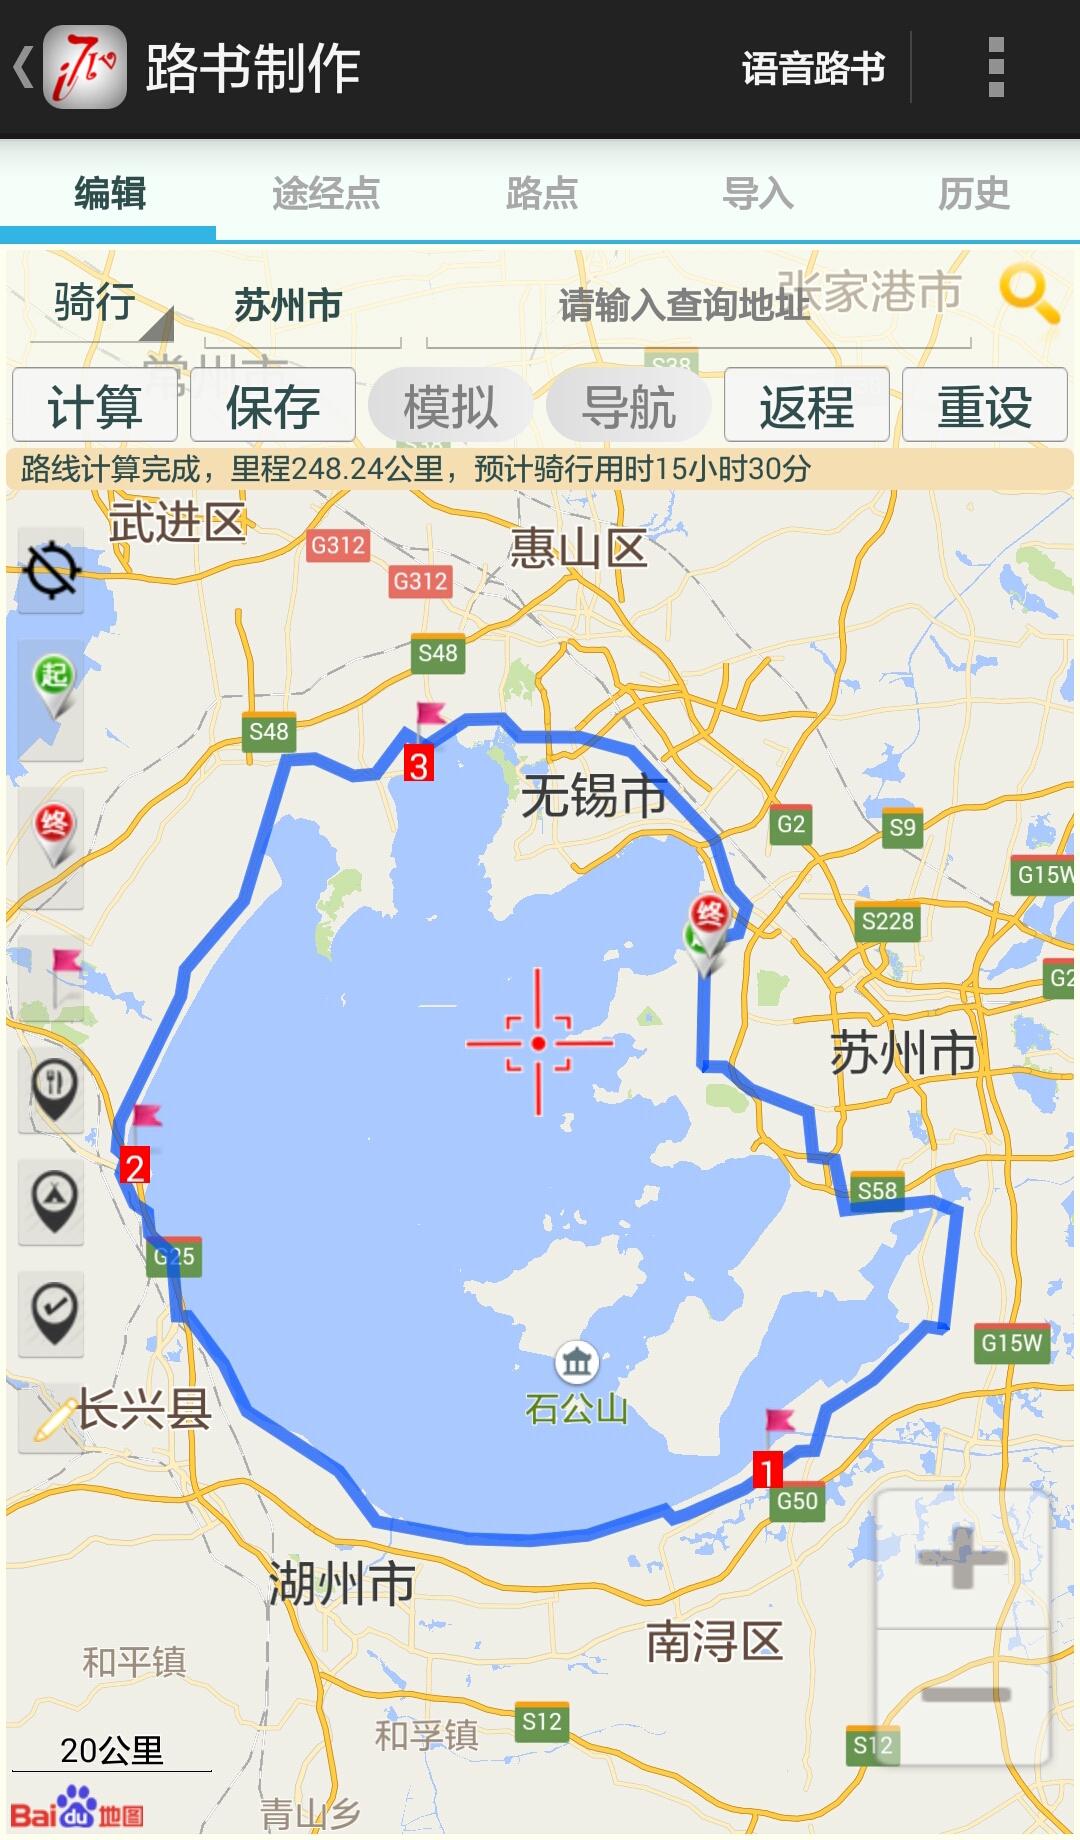 爱骑驴骑车导航软件下载app手机版图2: